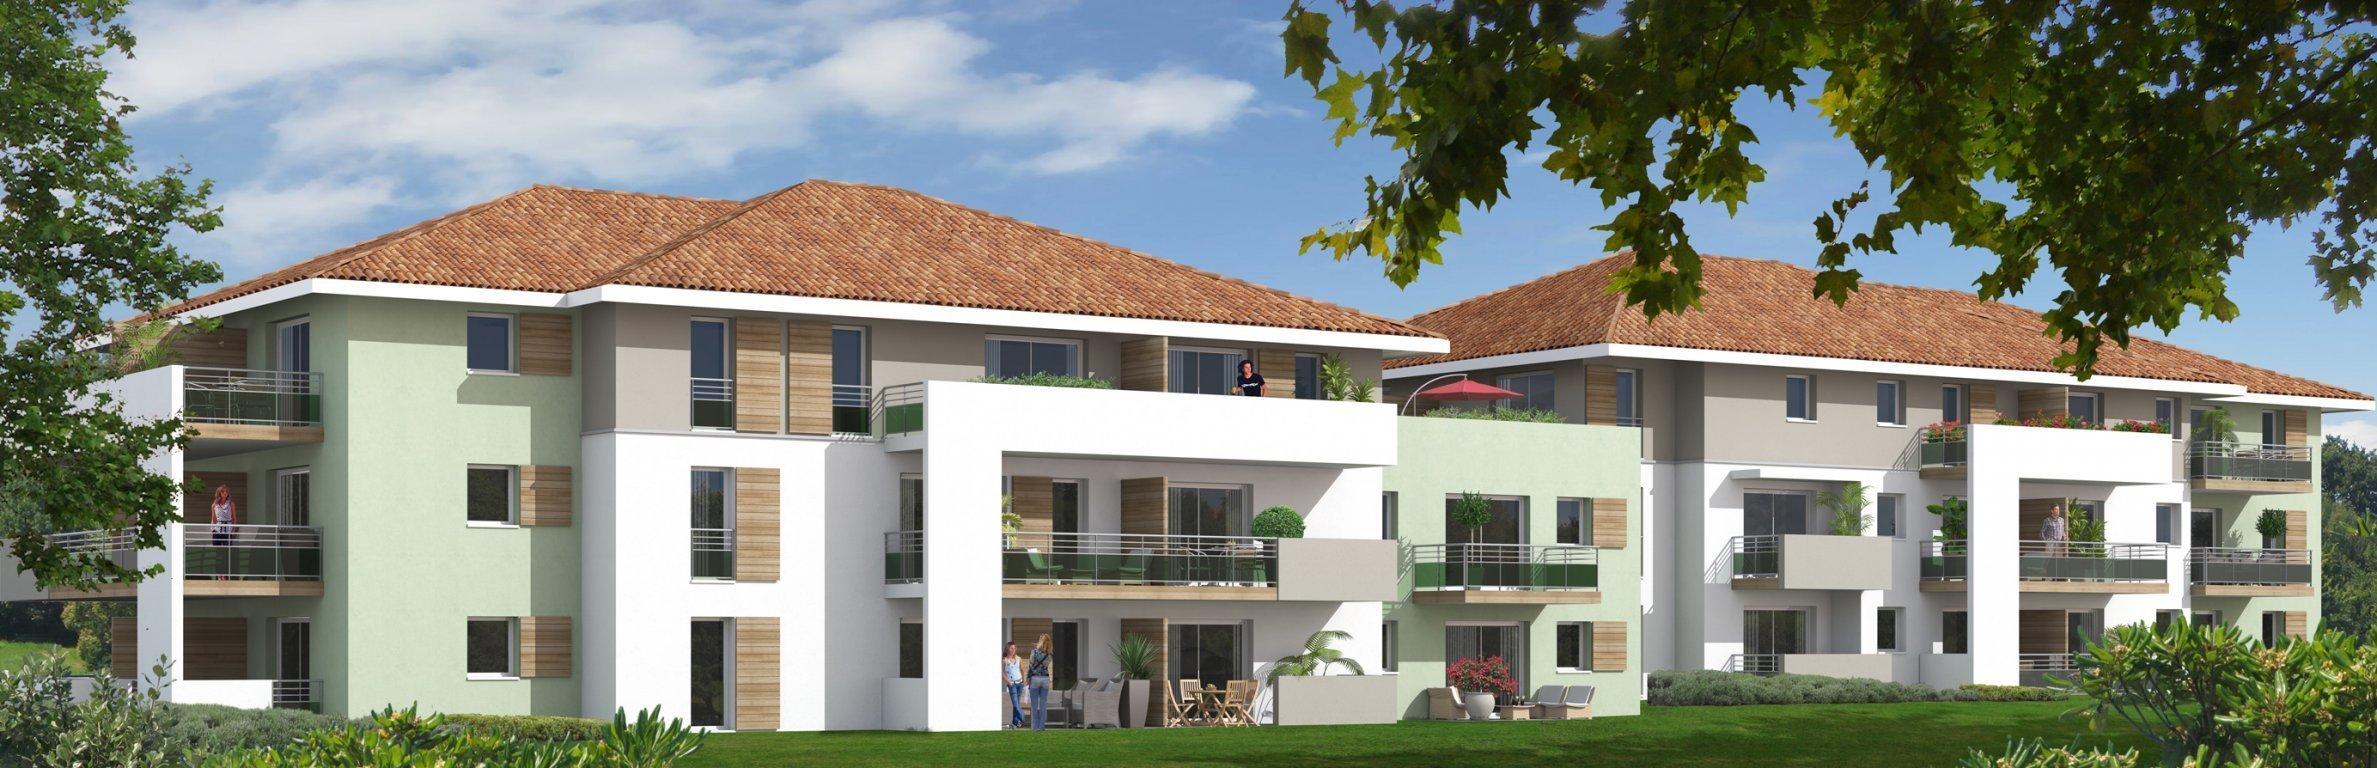 l 39 immobilier neuf du sud des landes. Black Bedroom Furniture Sets. Home Design Ideas